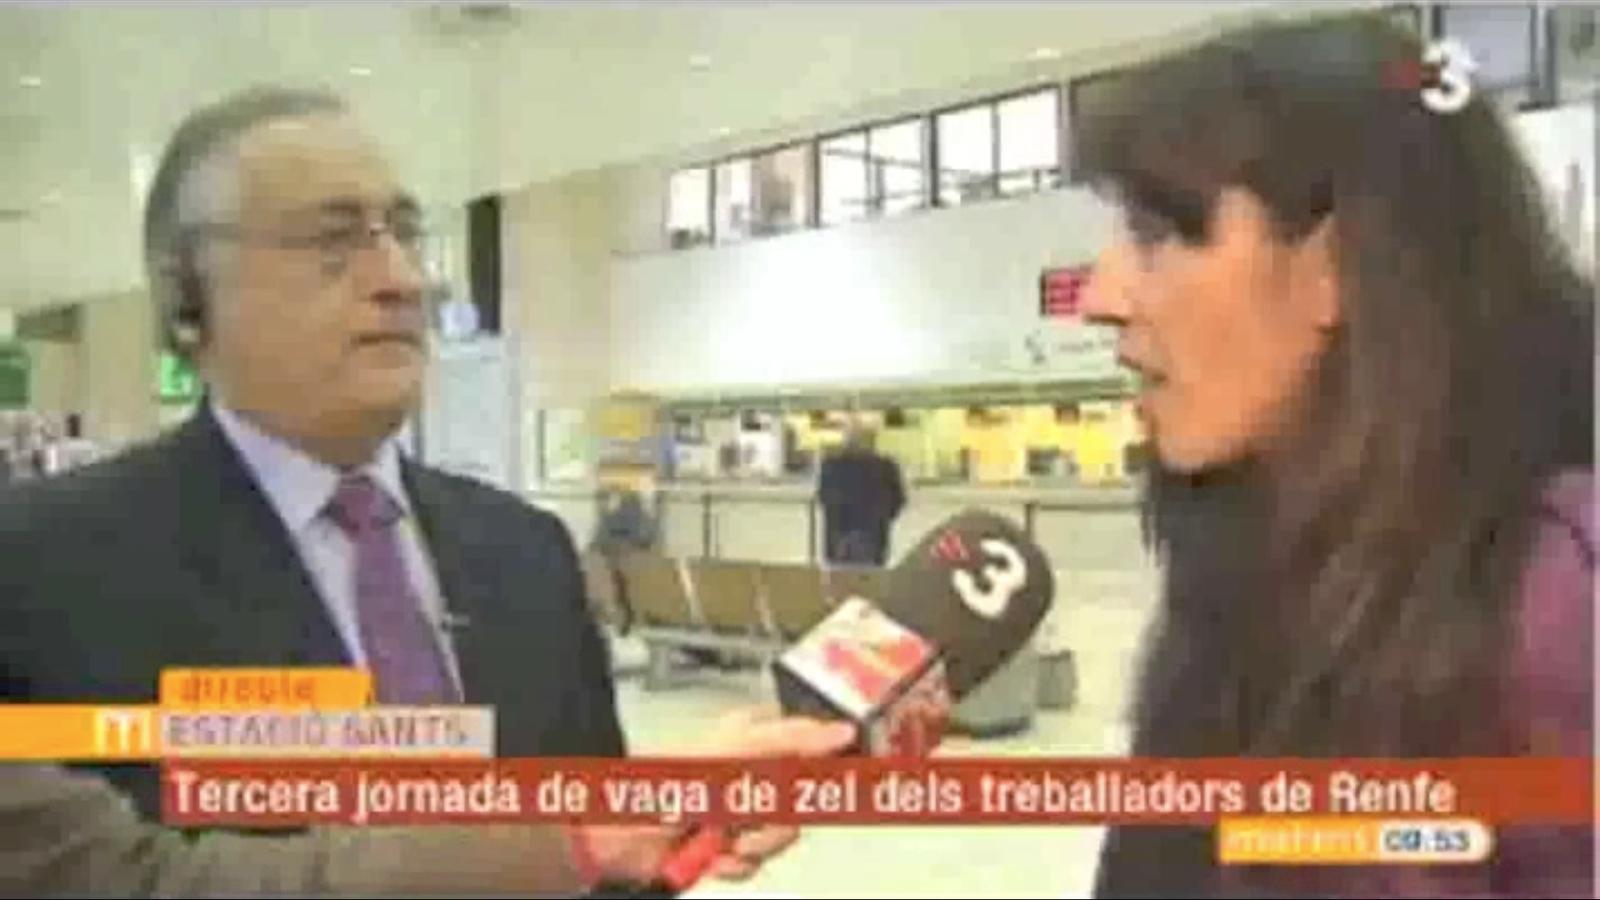 Ciutadana Elisenda contra director general de Renfe. Arbitra Josep Cuní